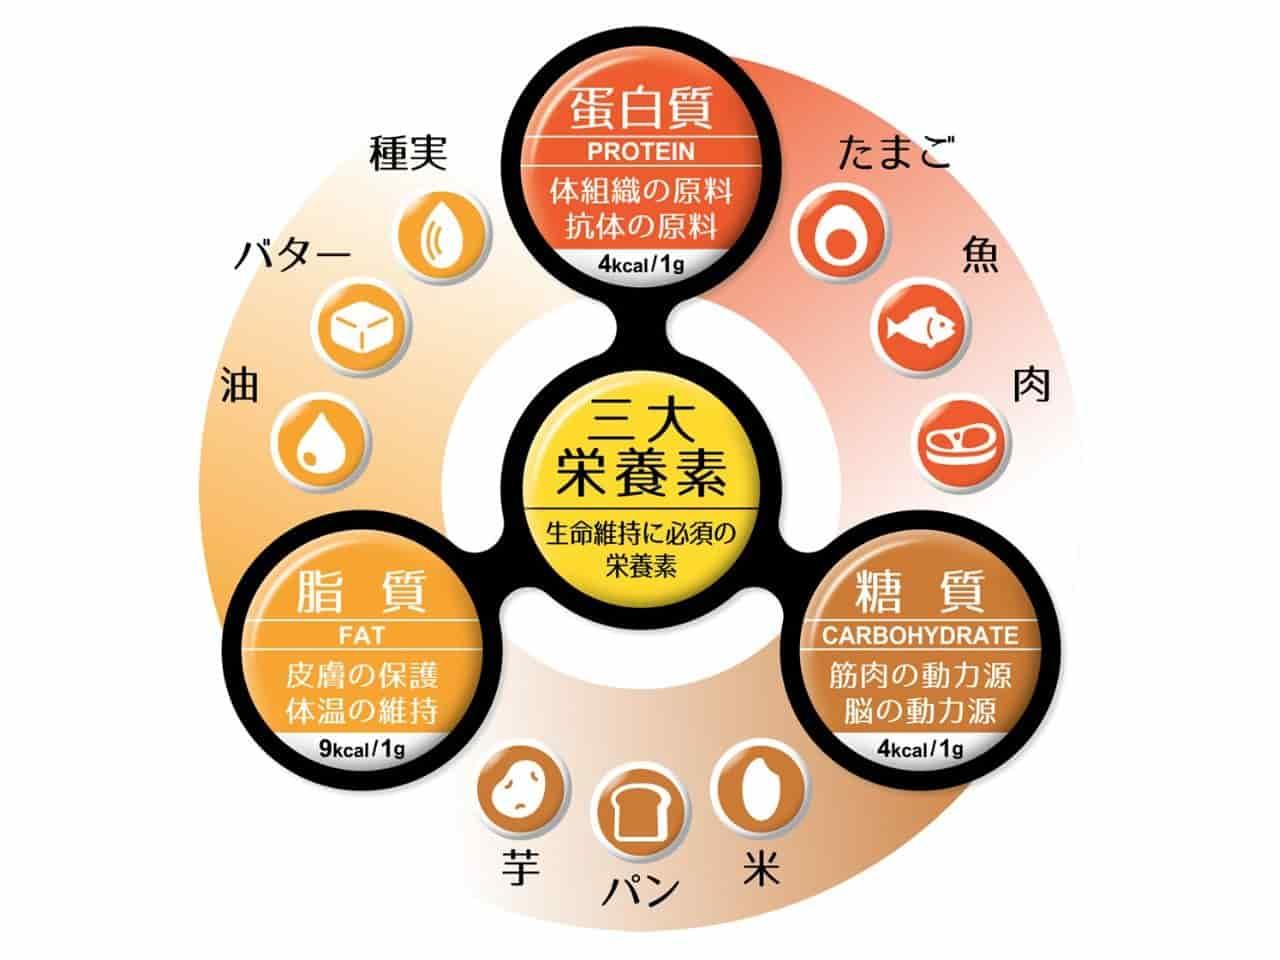 三大栄養素のイラスト